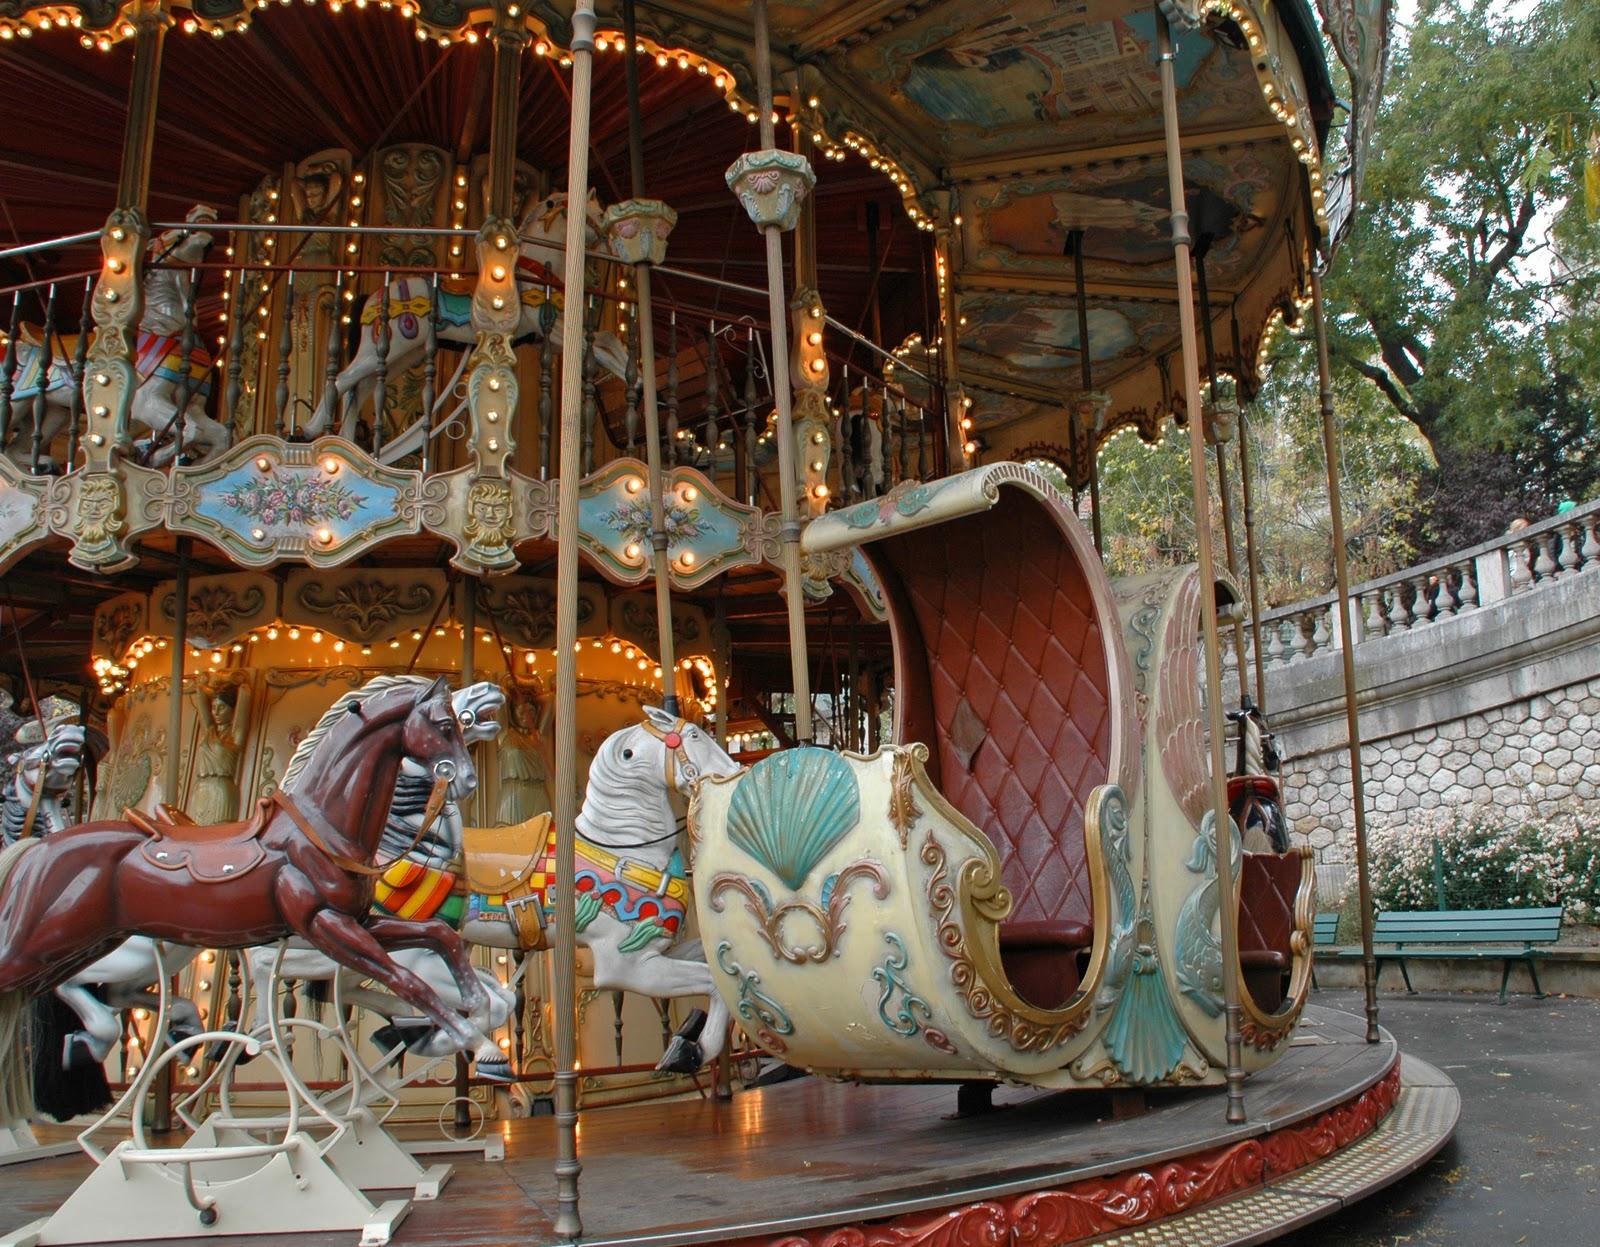 Paris and beyond carrousel venitien place saint pierre - Place saint pierre paris ...